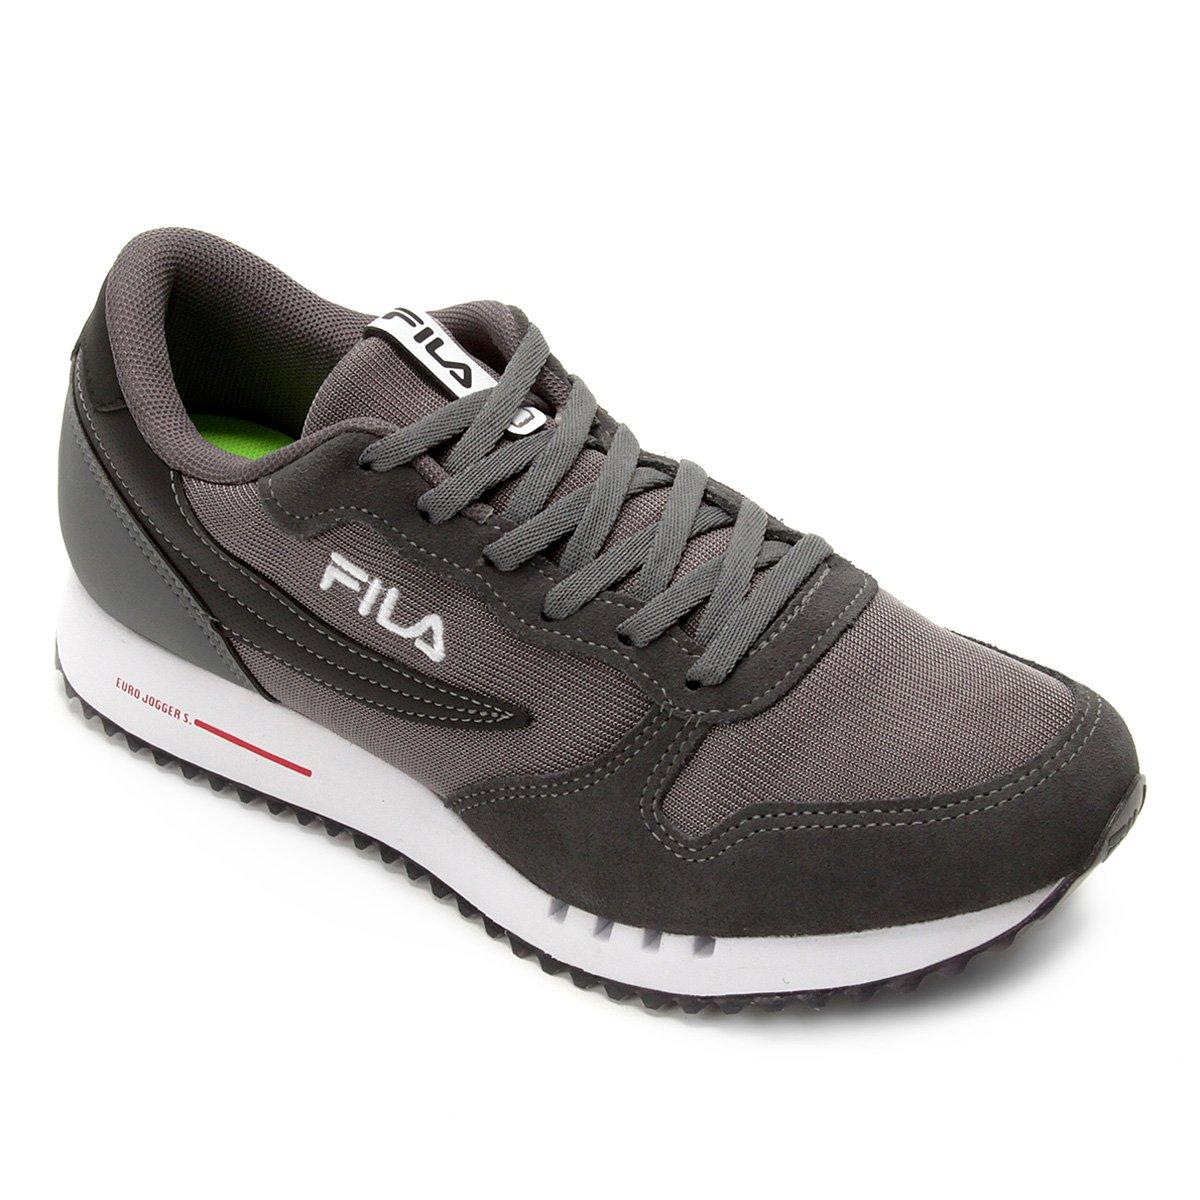 bf2482e1ad Tênis Fila Euro Jogger Sport Masculino - Preto e Vermelho | Shoestock